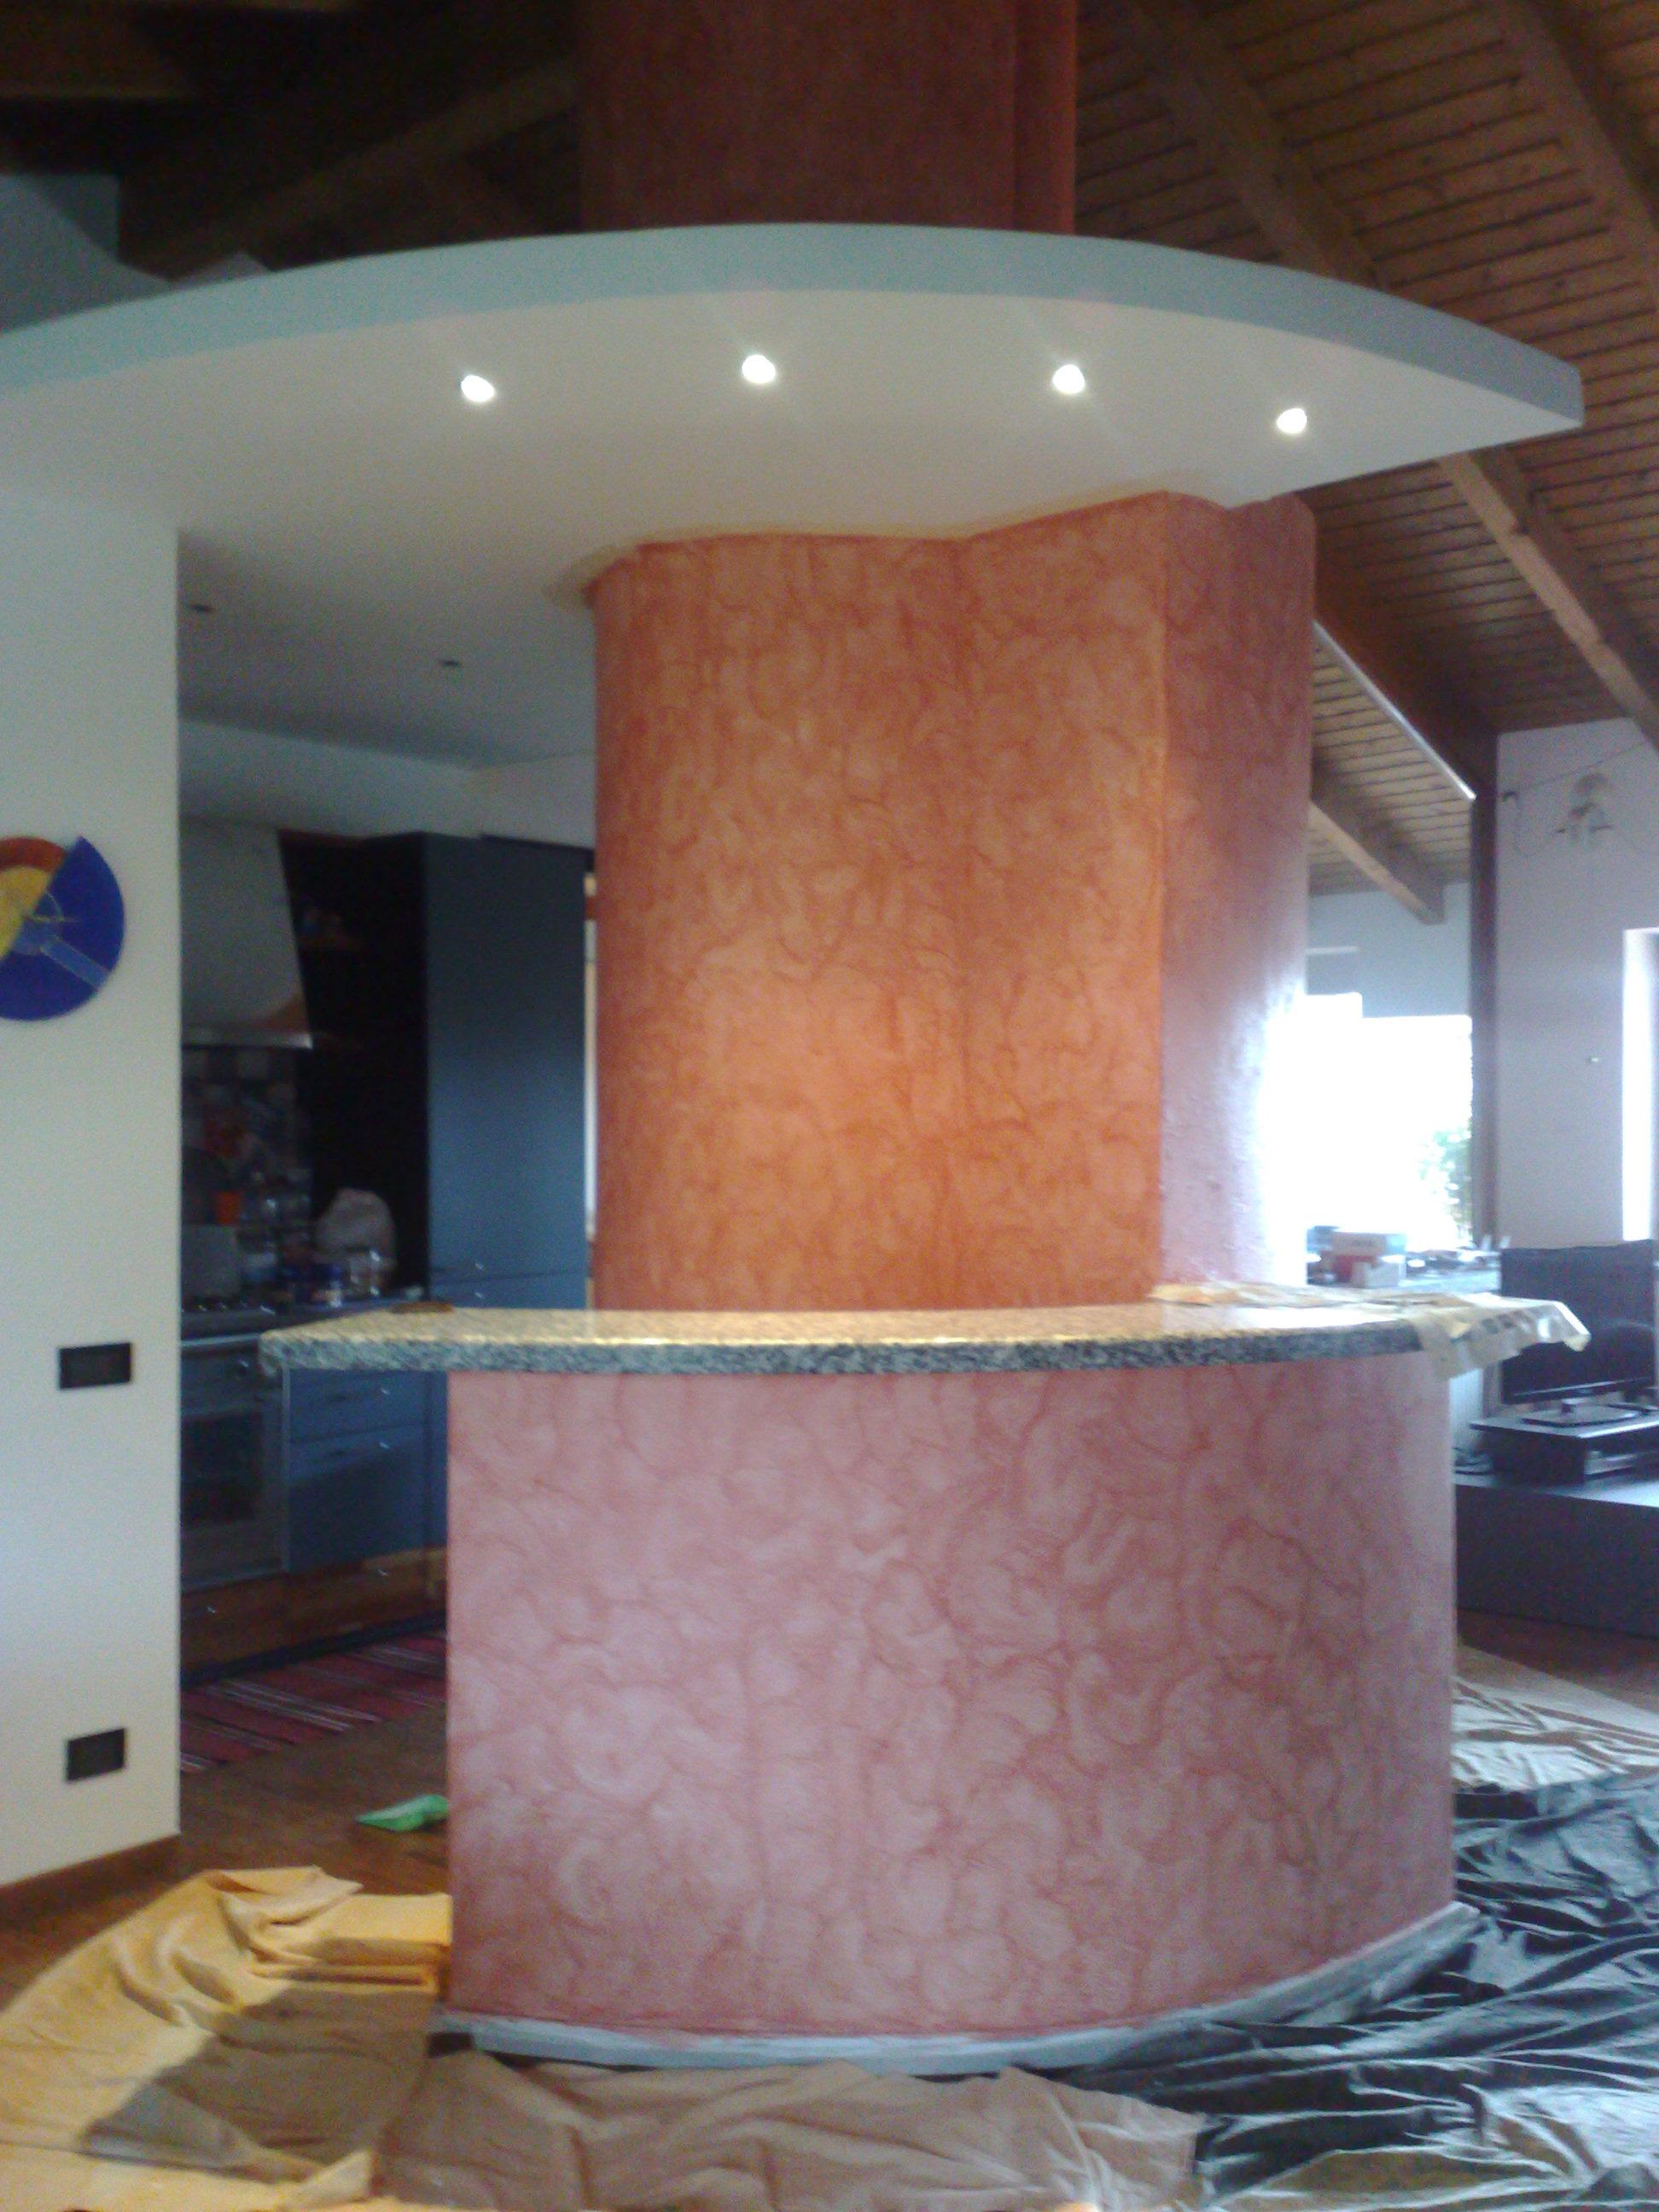 Particolare di imbiancatura e decorazione Serika arancio traffico su colonna e decorazione Serika rosa antico su piano